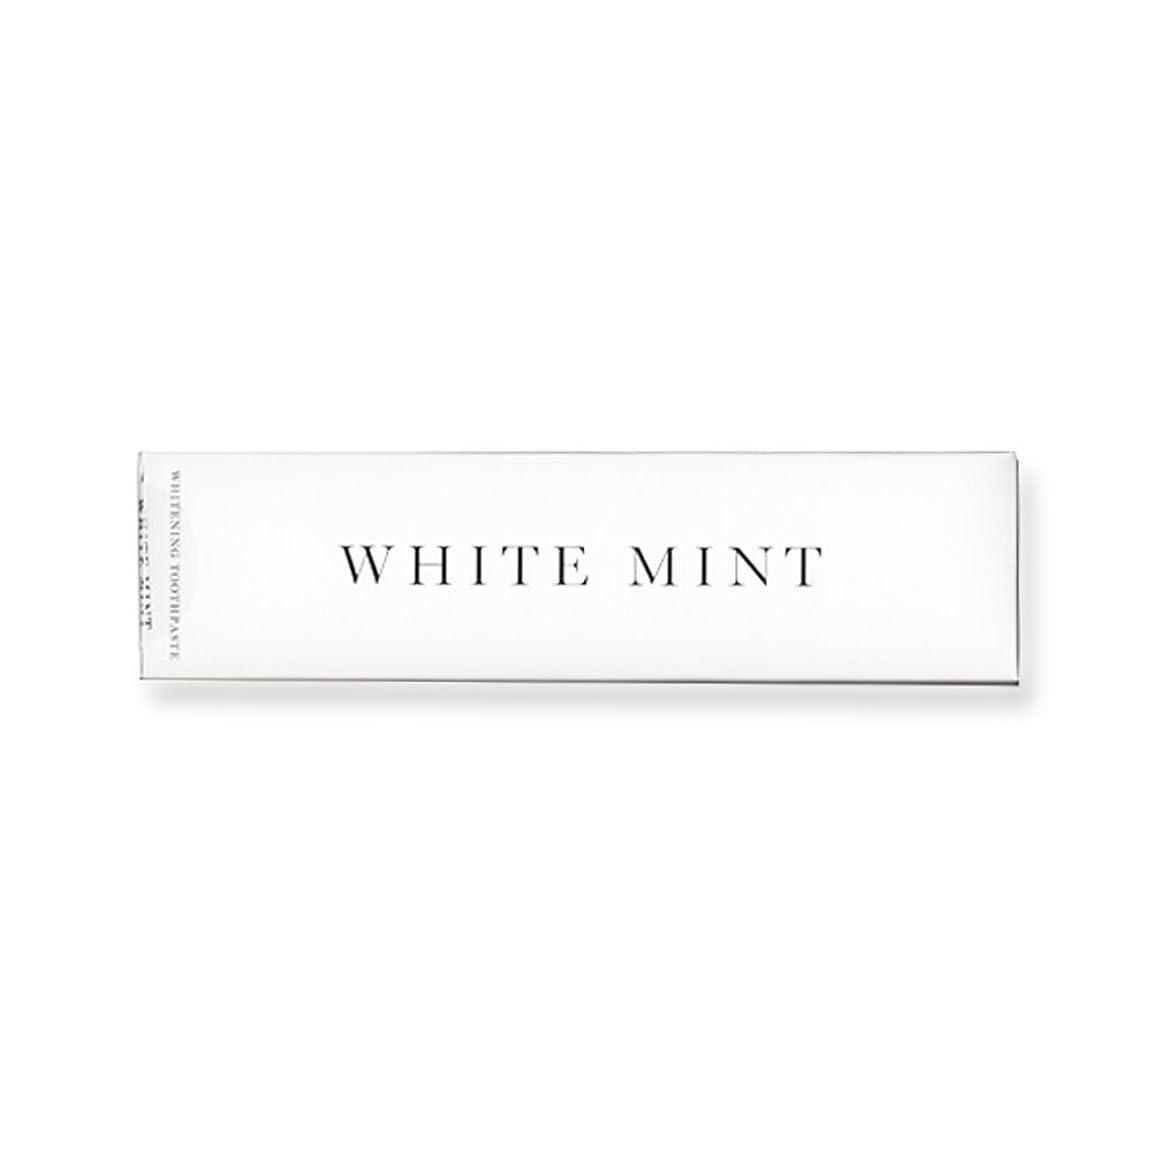 めんどり苦しめる普遍的なホワイトミント 130g (旧シルクホワイト)